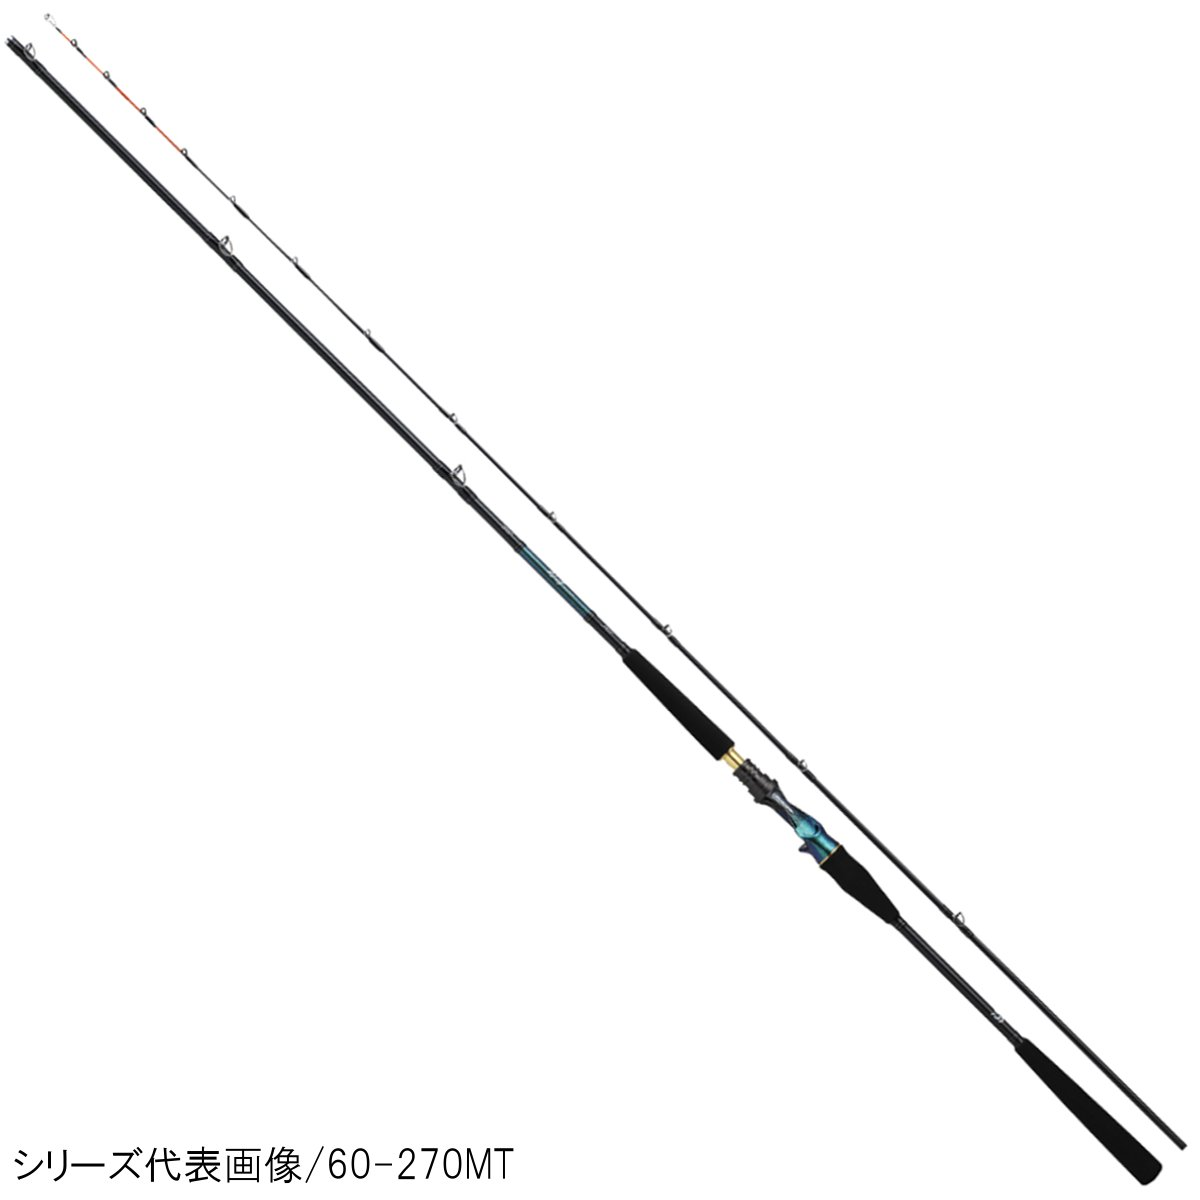 ダイワ 剣崎 MT 60-230MT